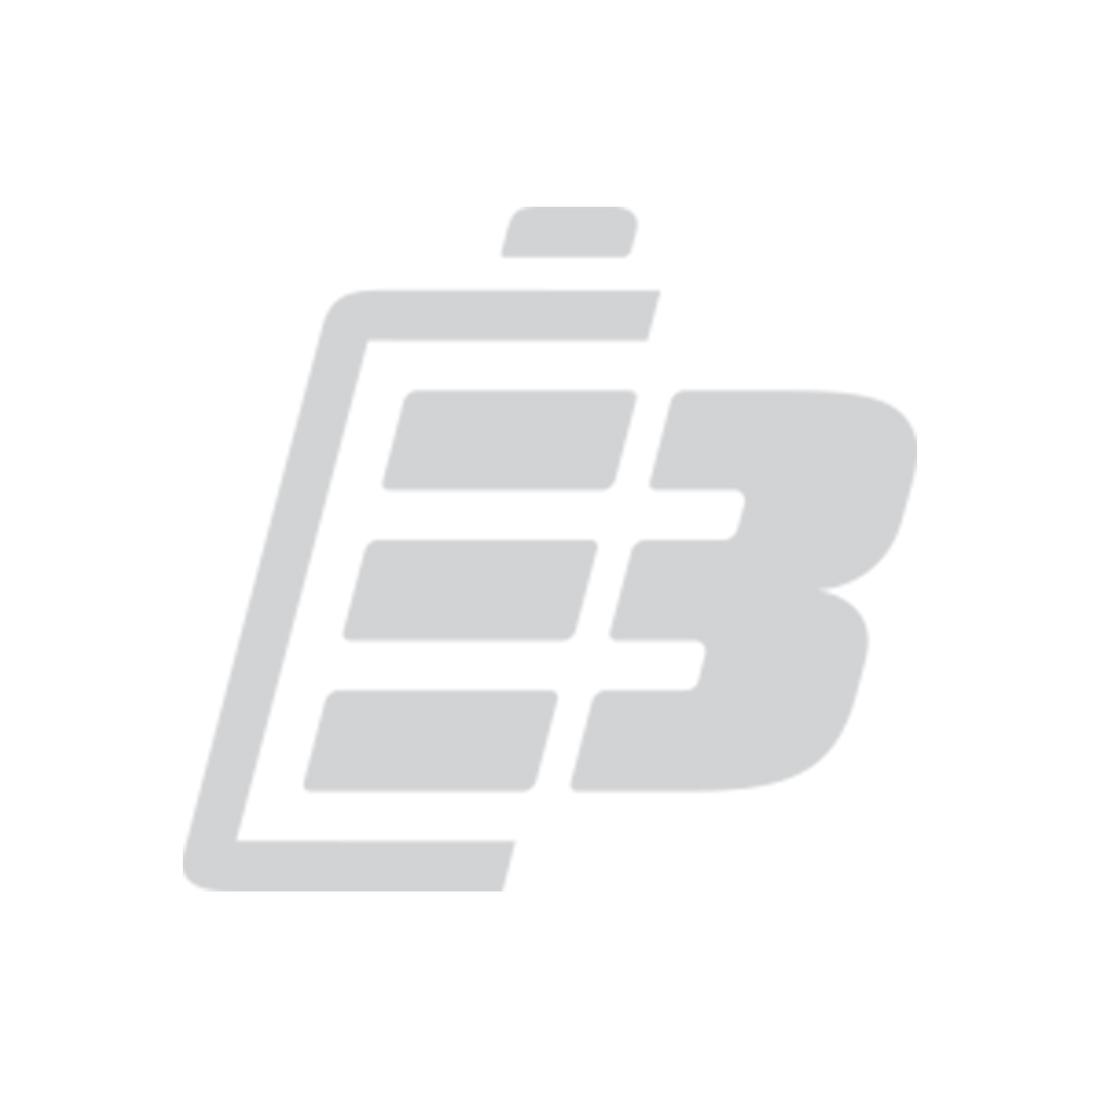 Φορτιστής μπαταρίας βιντεοκάμερας JVC BN-V107_1